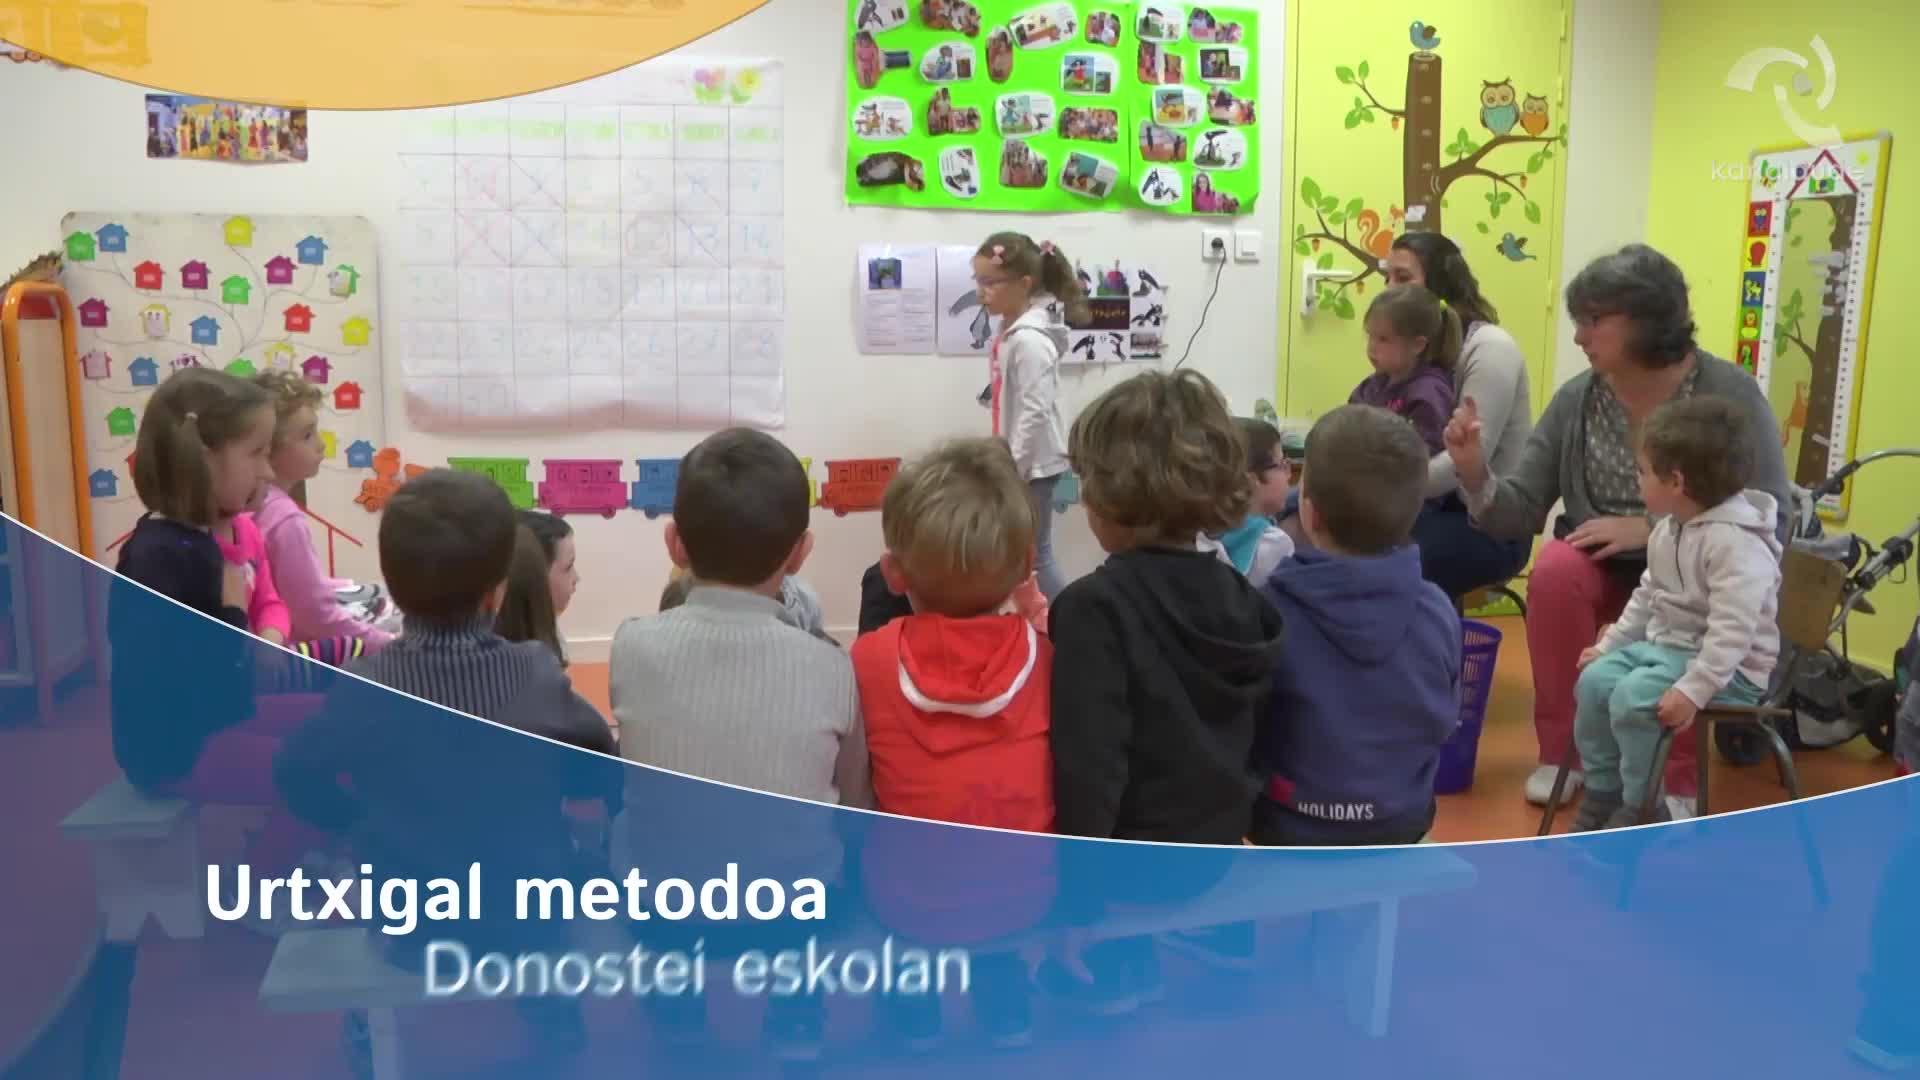 Urtxigal metodoa Donostei eskolan